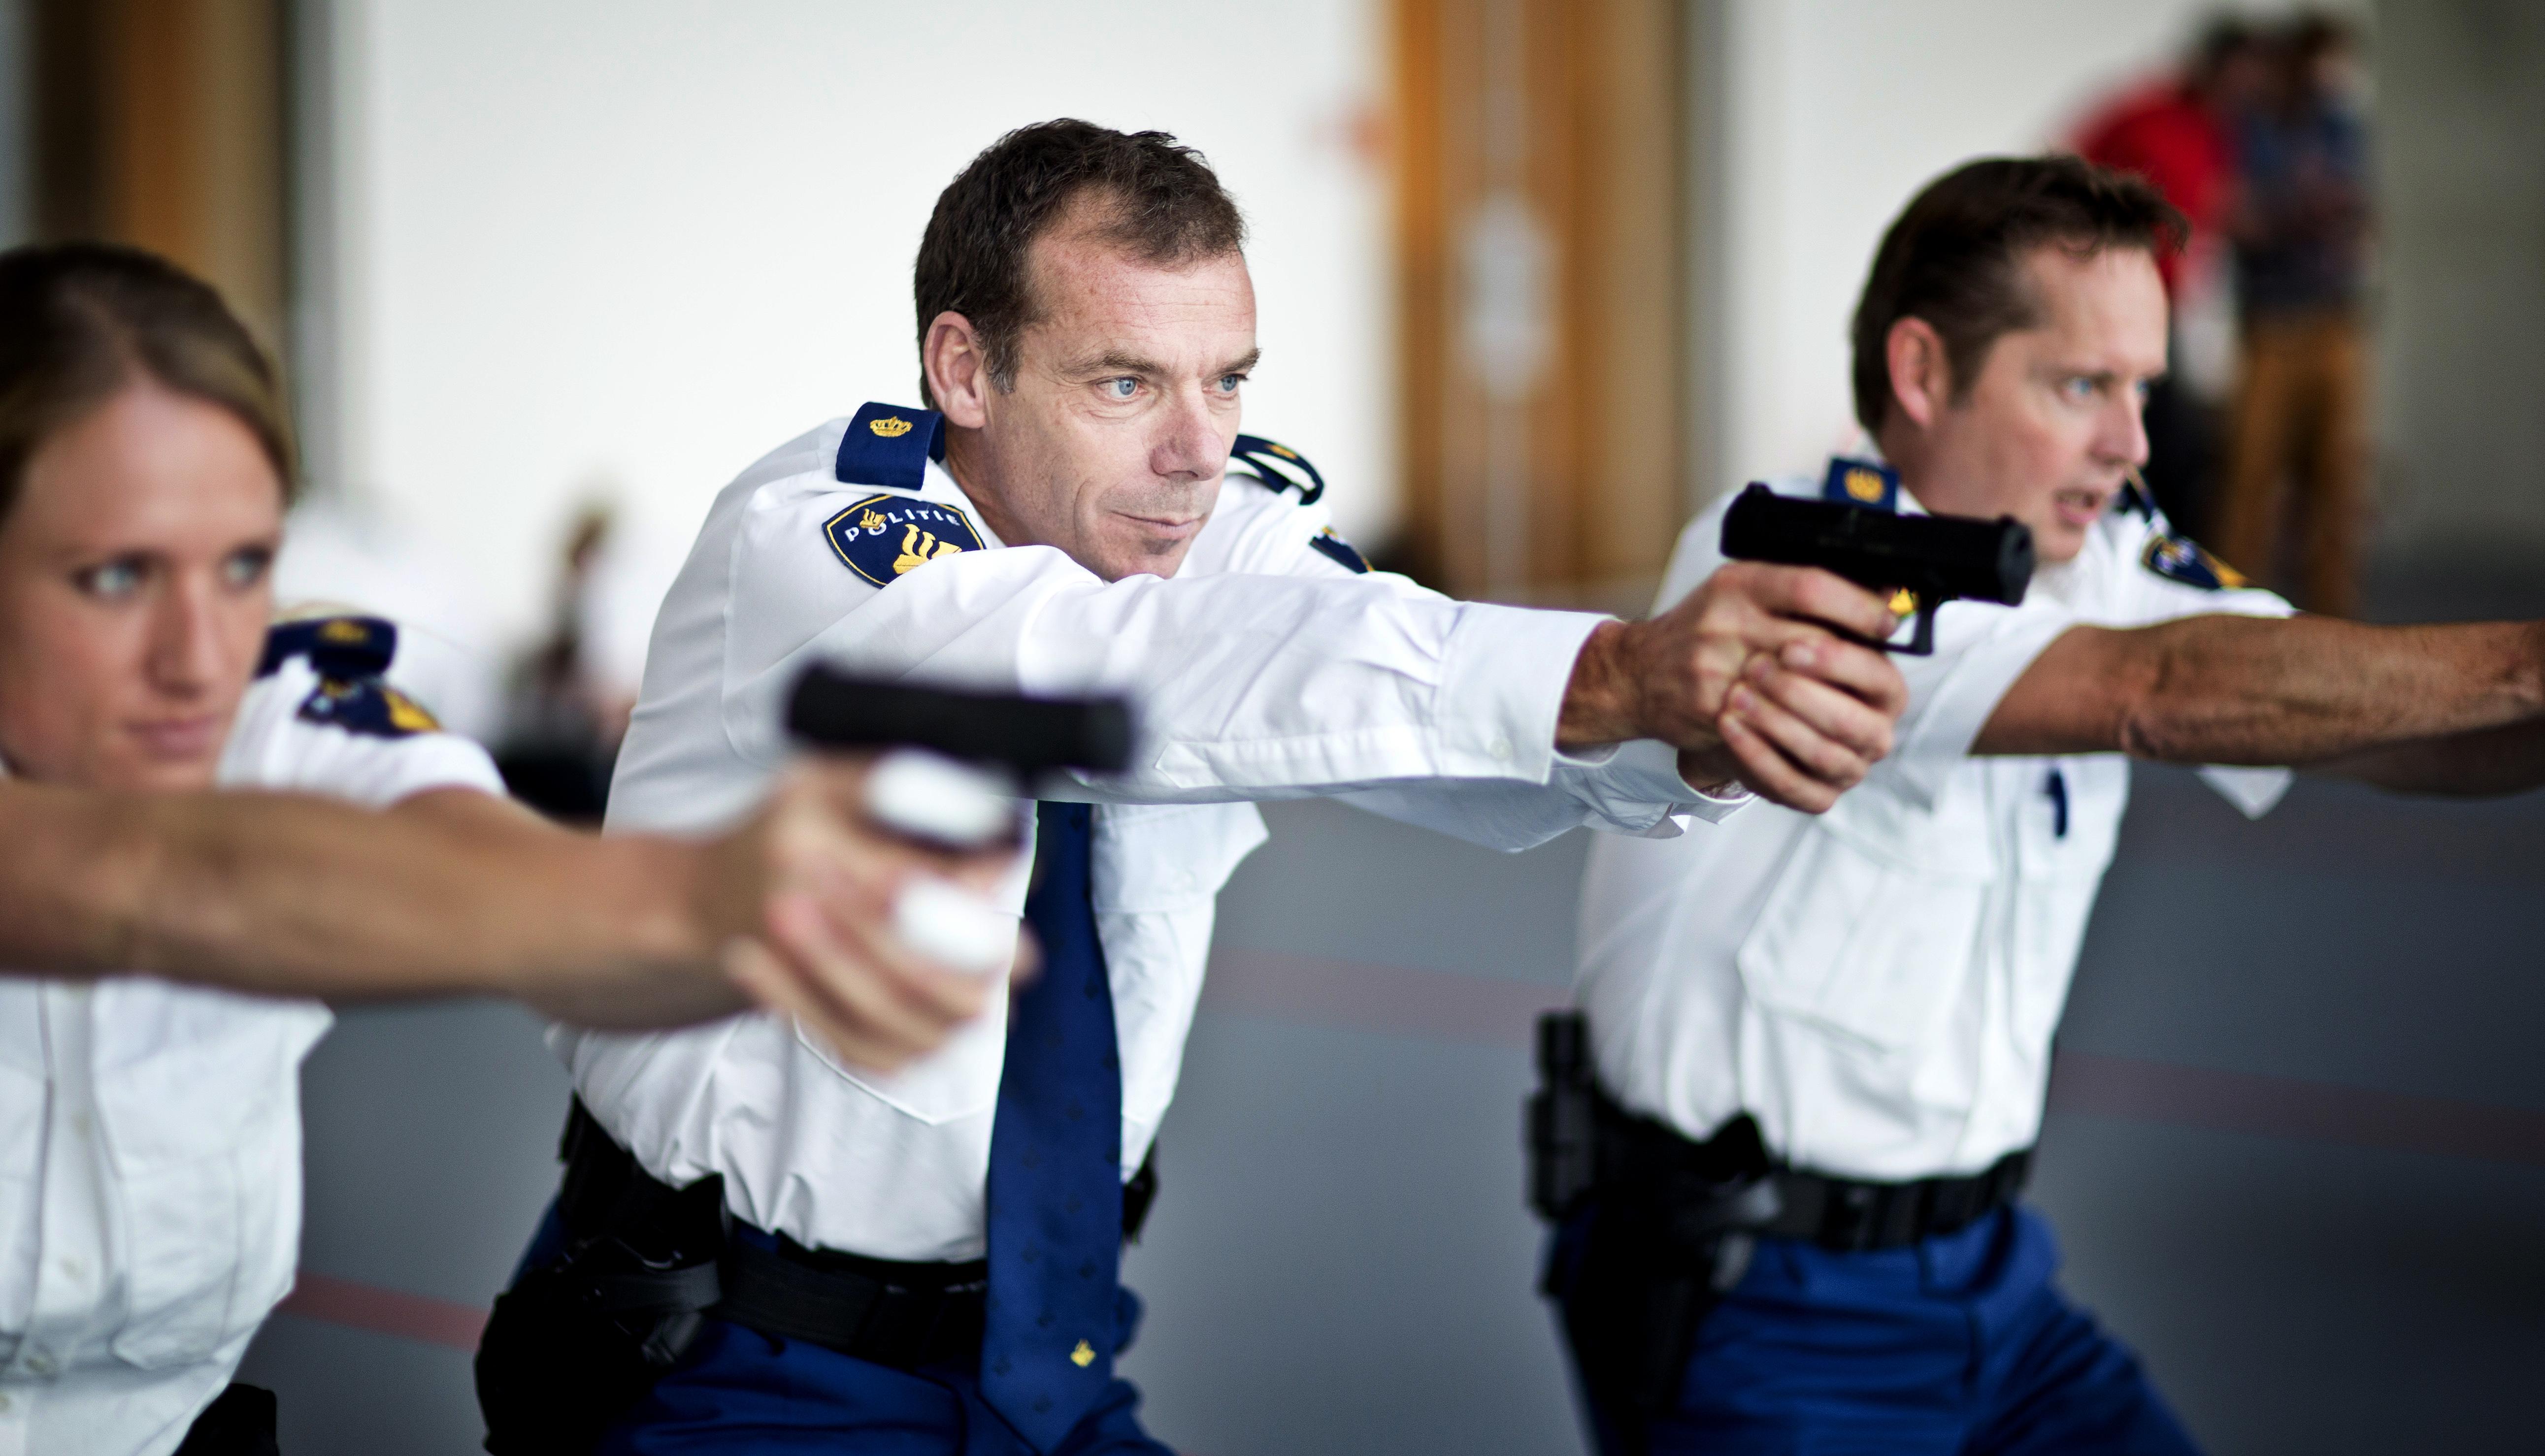 Politie heeft een nieuw wapen